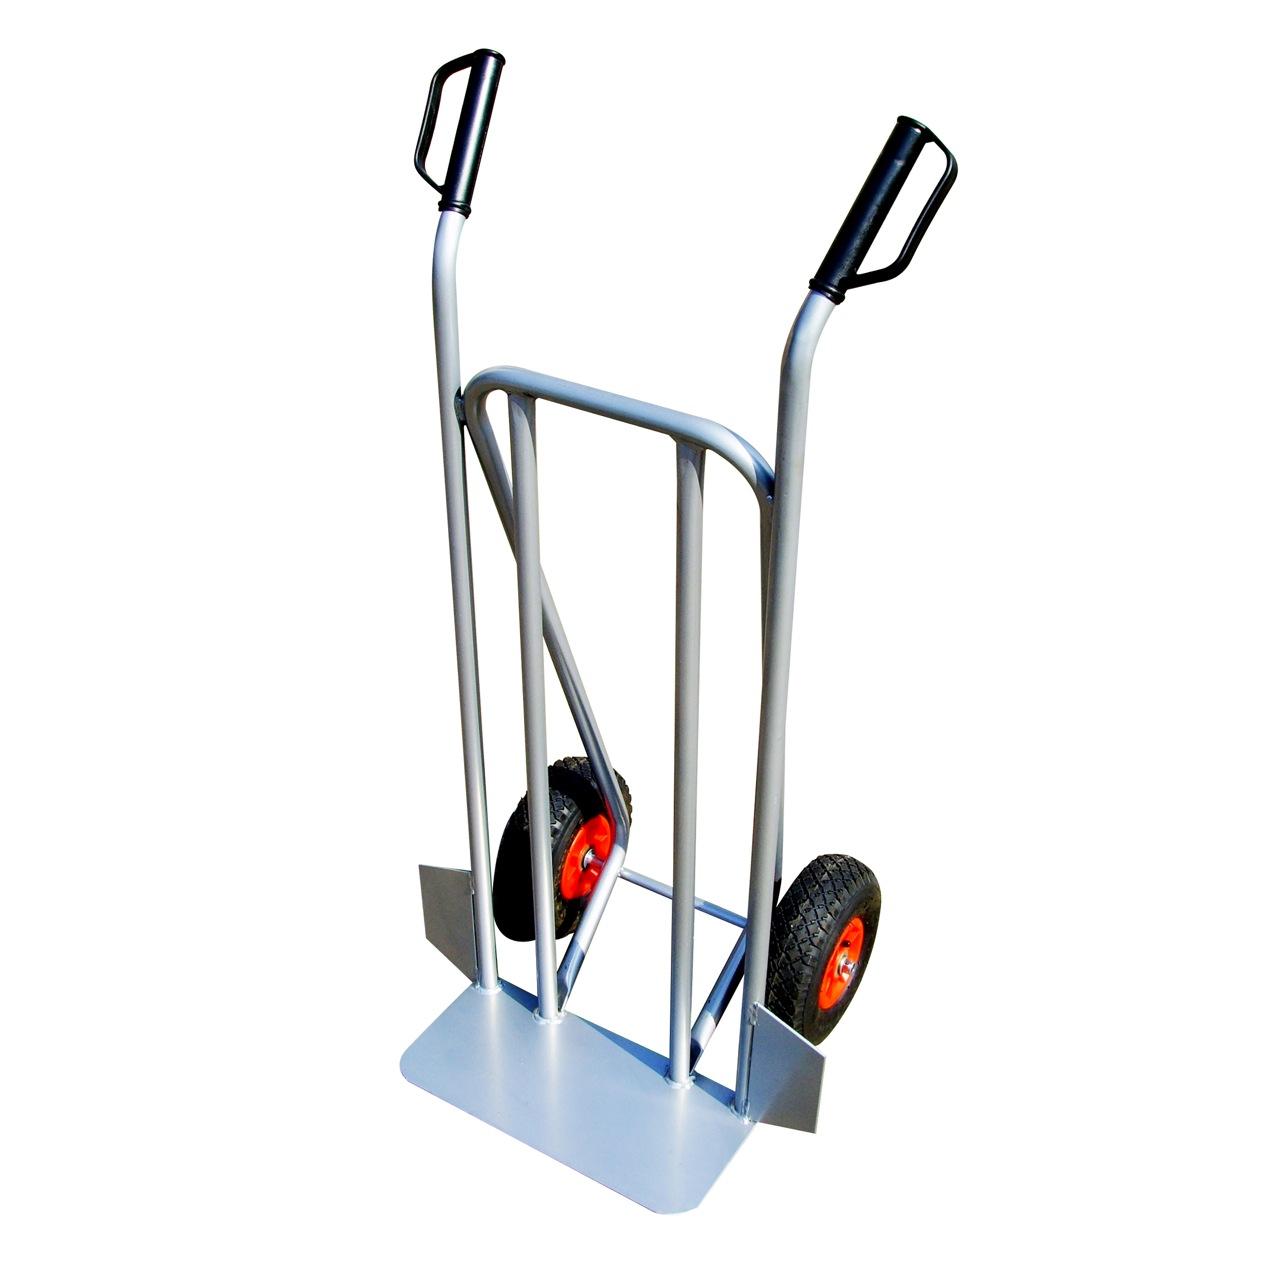 sackkarre sack karre handwagen transportkarre transportrodel stapelkarre neu ebay. Black Bedroom Furniture Sets. Home Design Ideas